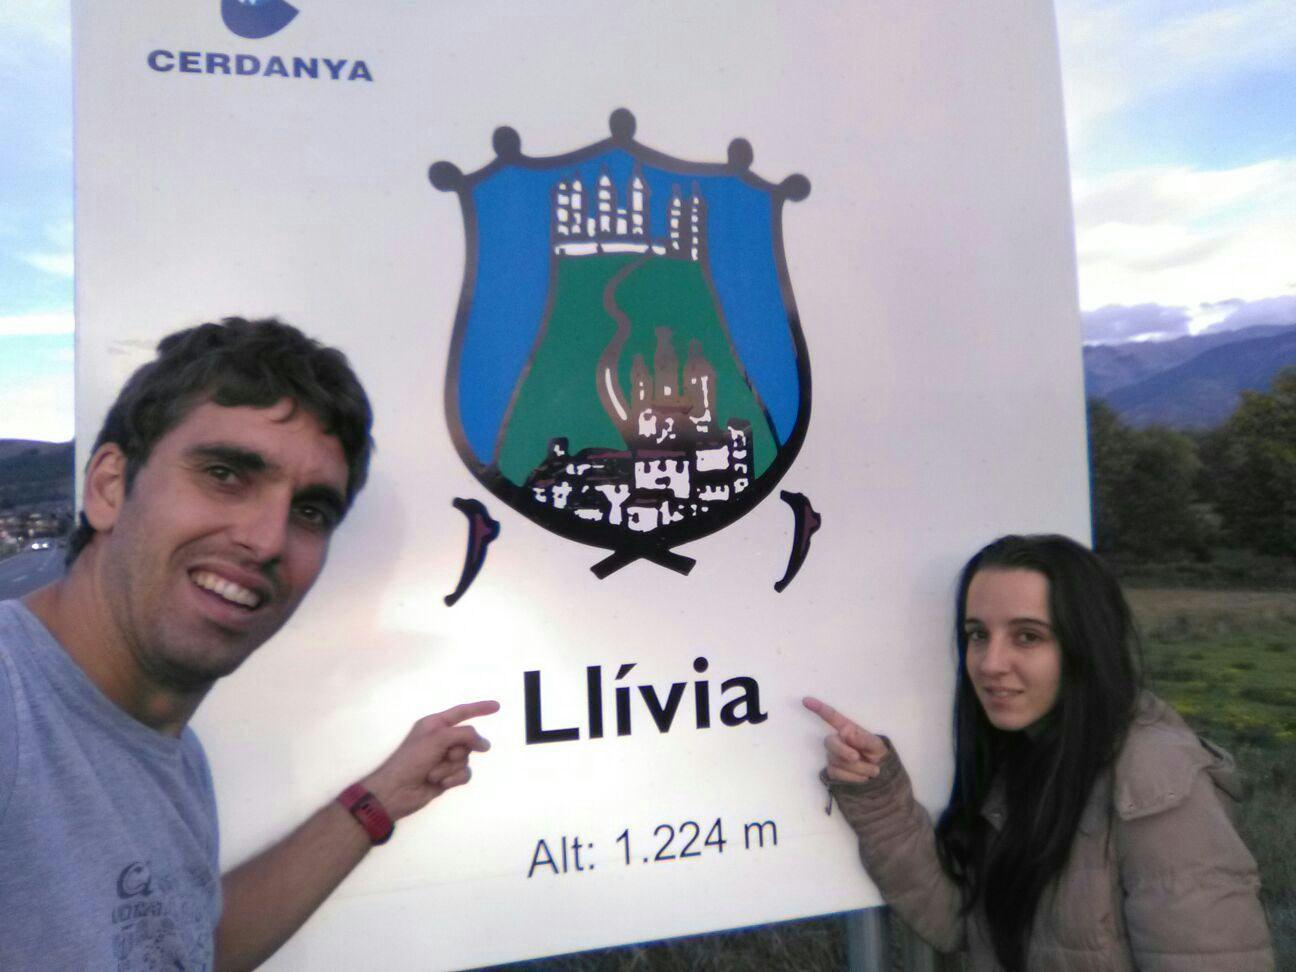 Cristian y Nerea len su llegada a Llívia Española pero en territorio Francés.